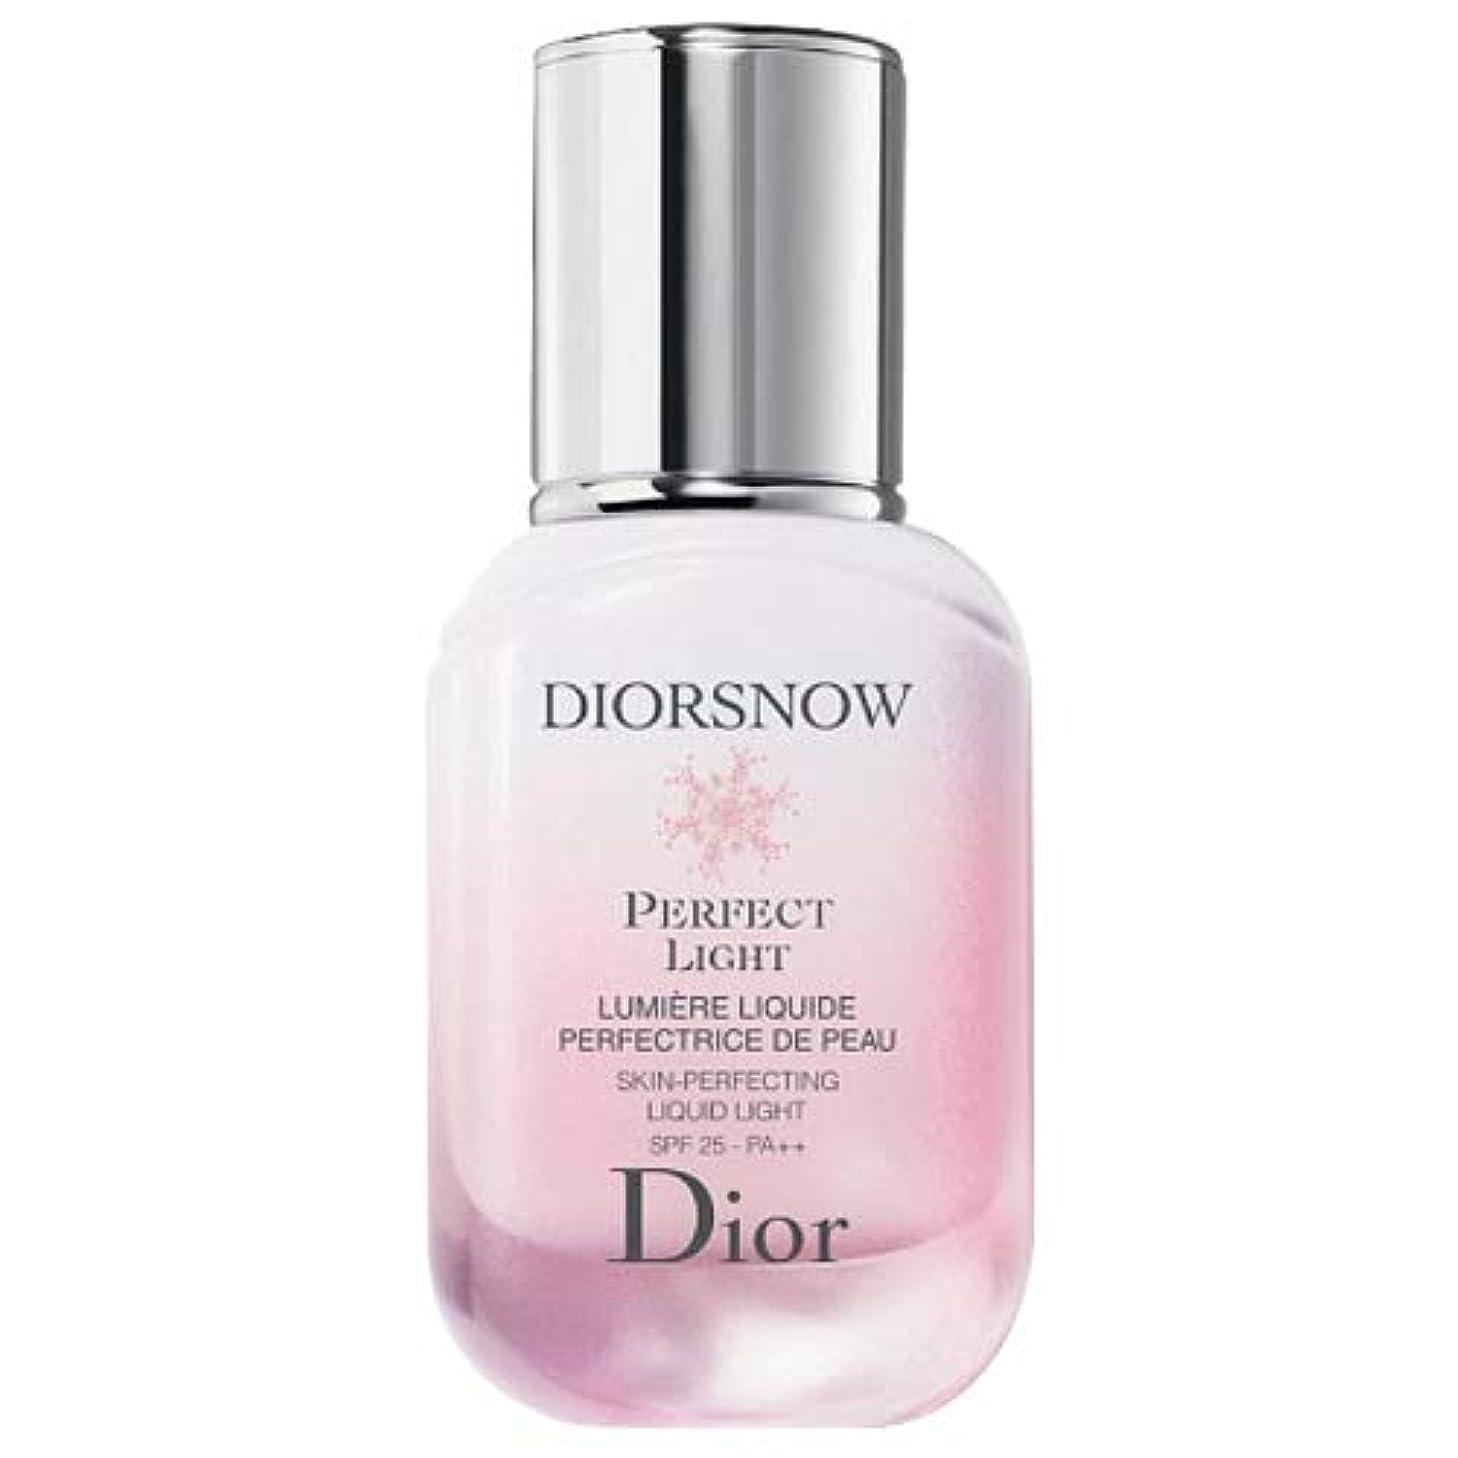 バッフルラフト提唱するクリスチャンディオール Christian Dior スノーパーフェクト ライト SPF25/PA++ 30mL [並行輸入品]